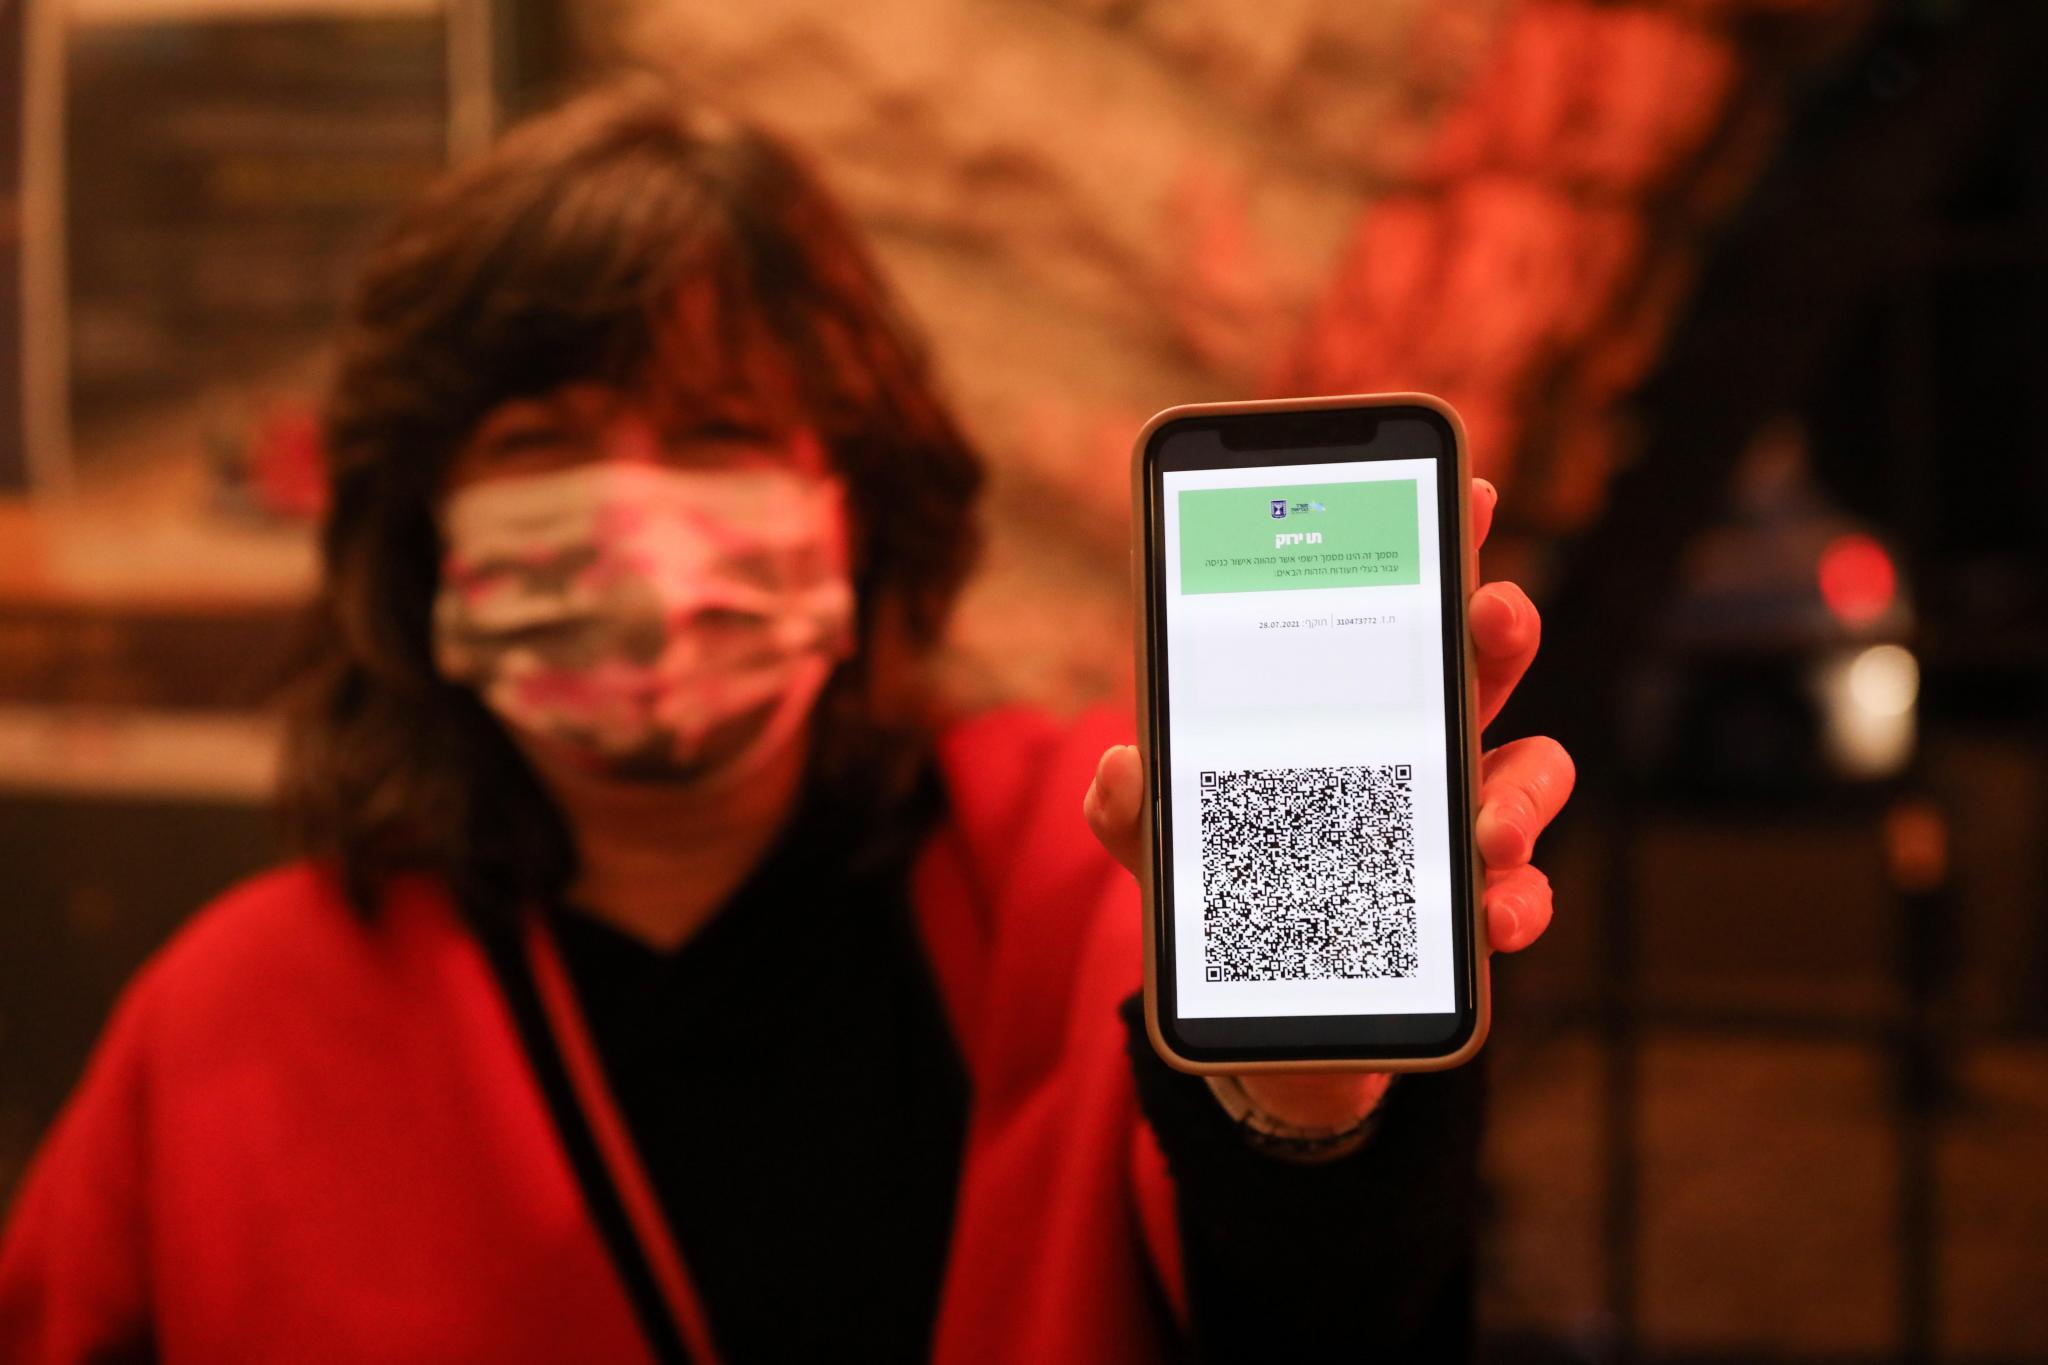 Reisen mit einem QR-Code: So könnte ein digitales Impfzertifikat aussehen.